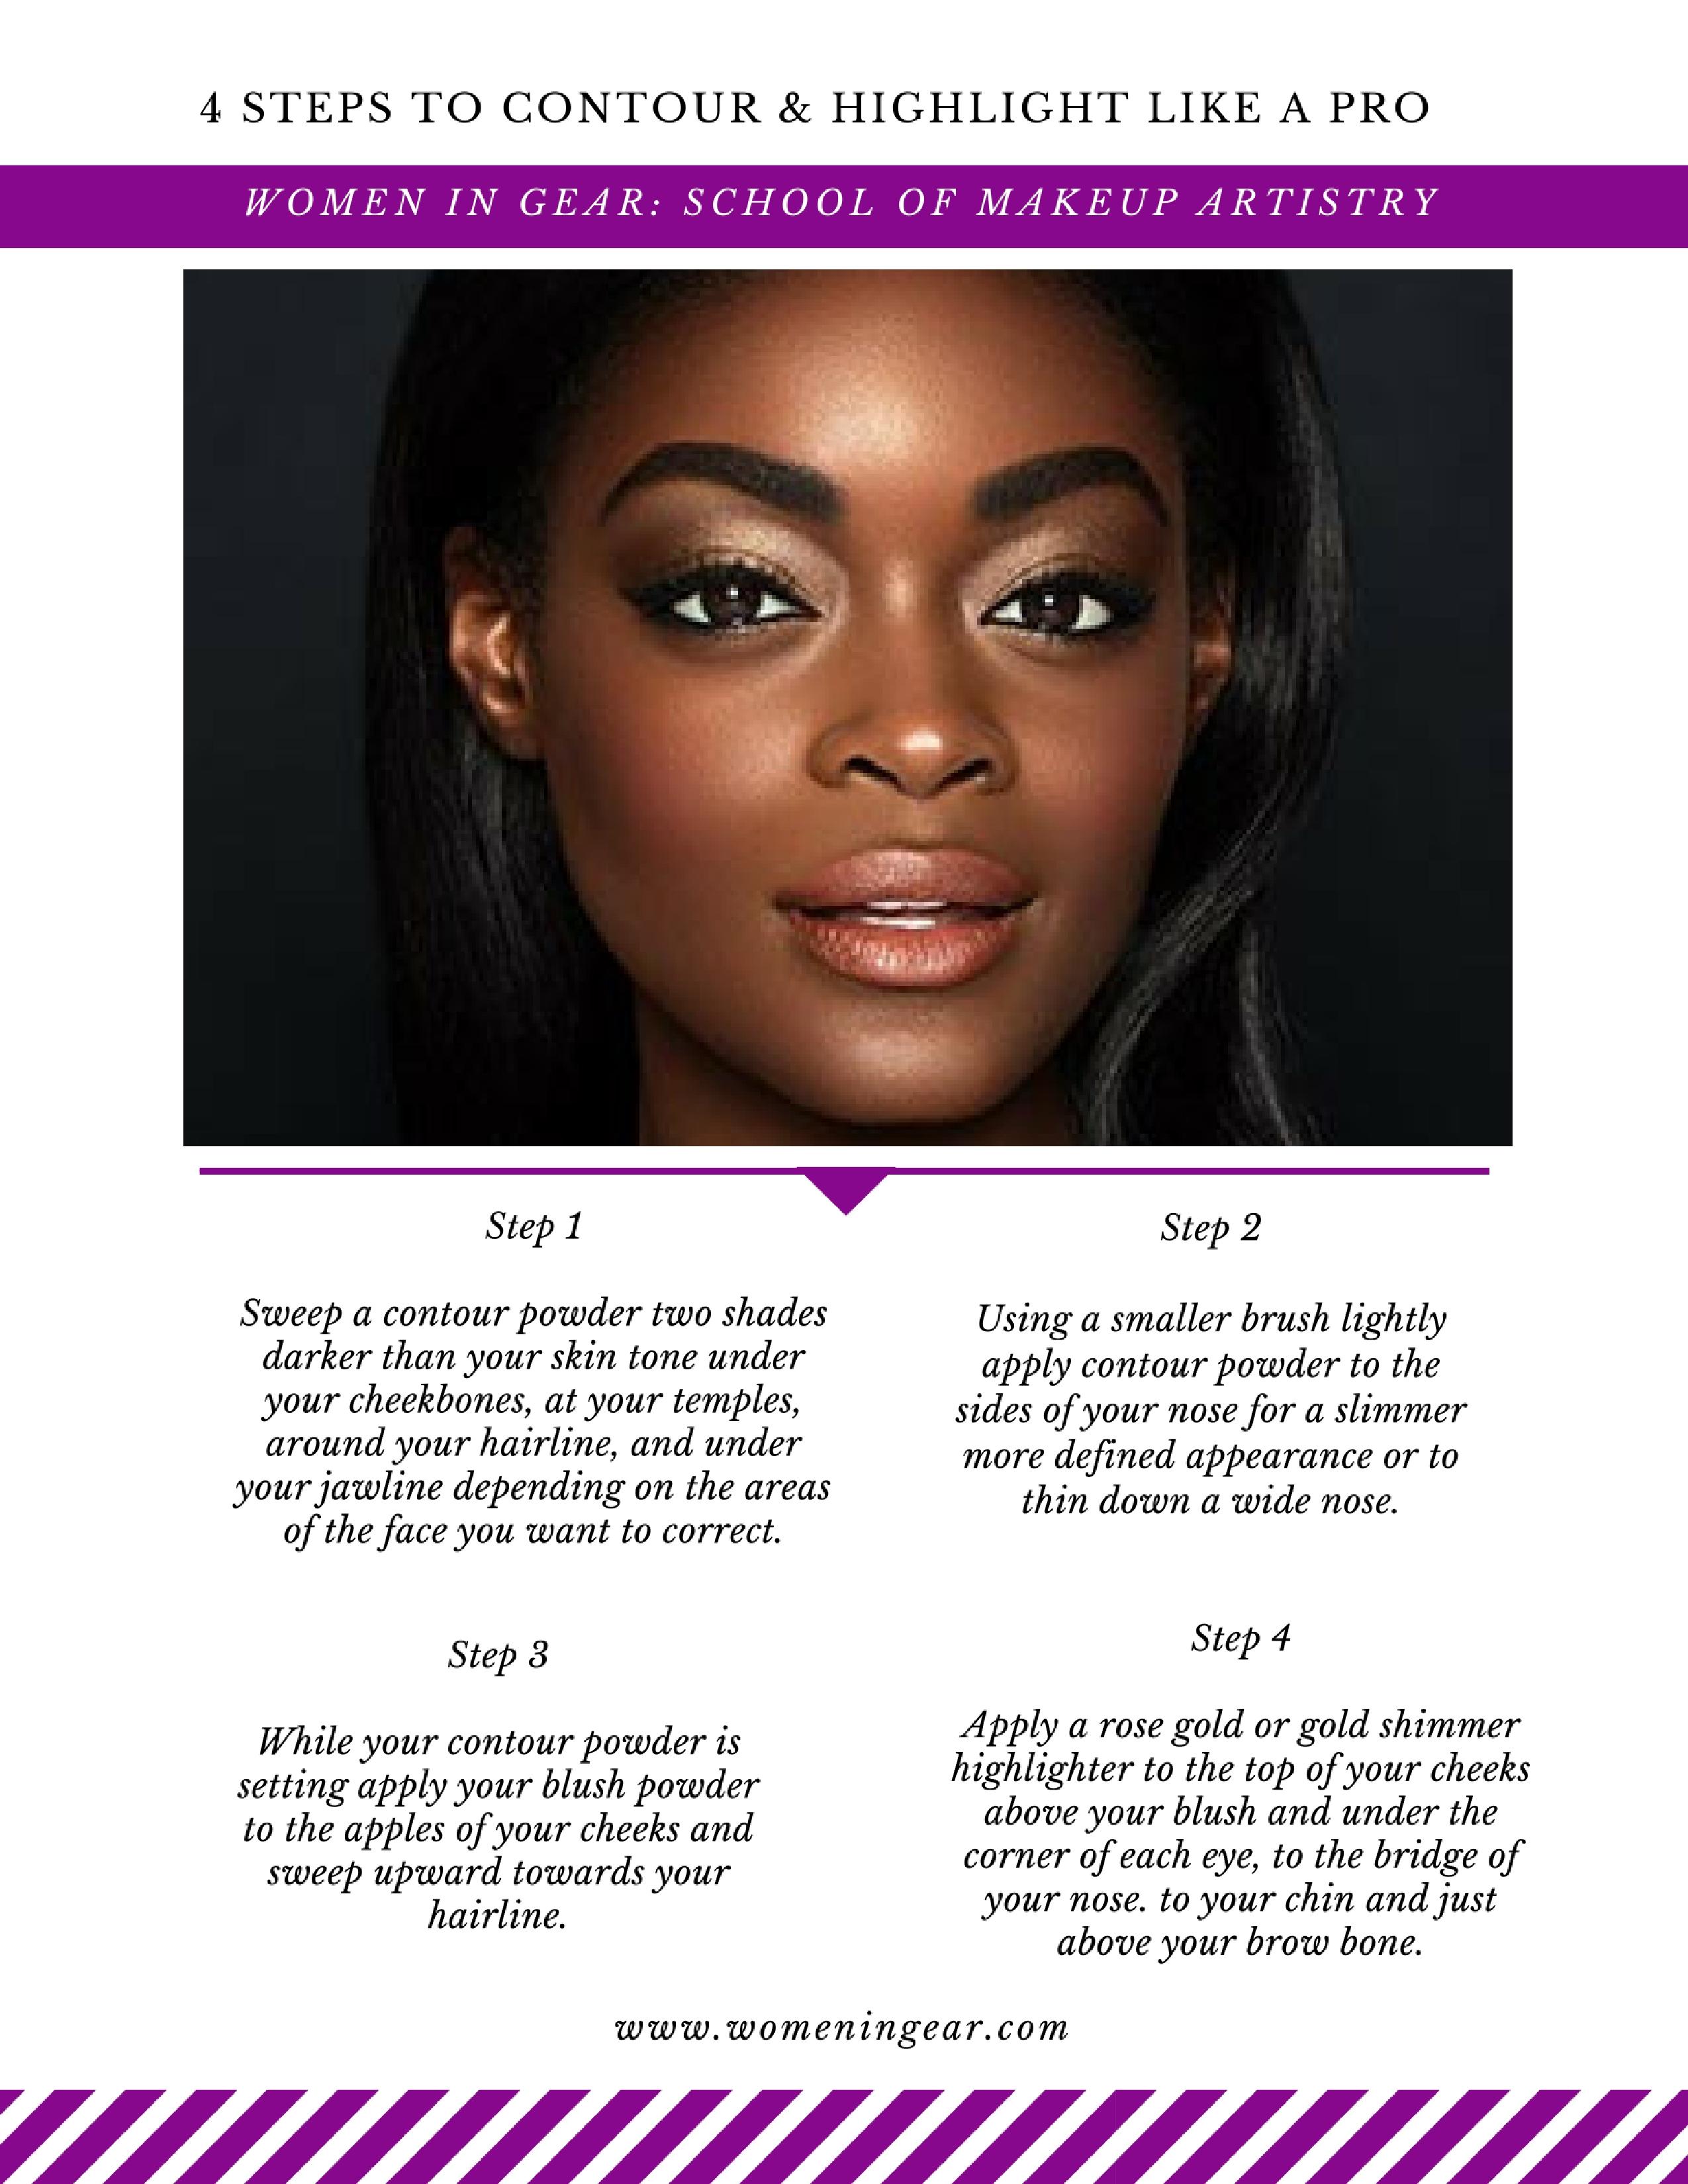 4-steps-to-contour-highlight